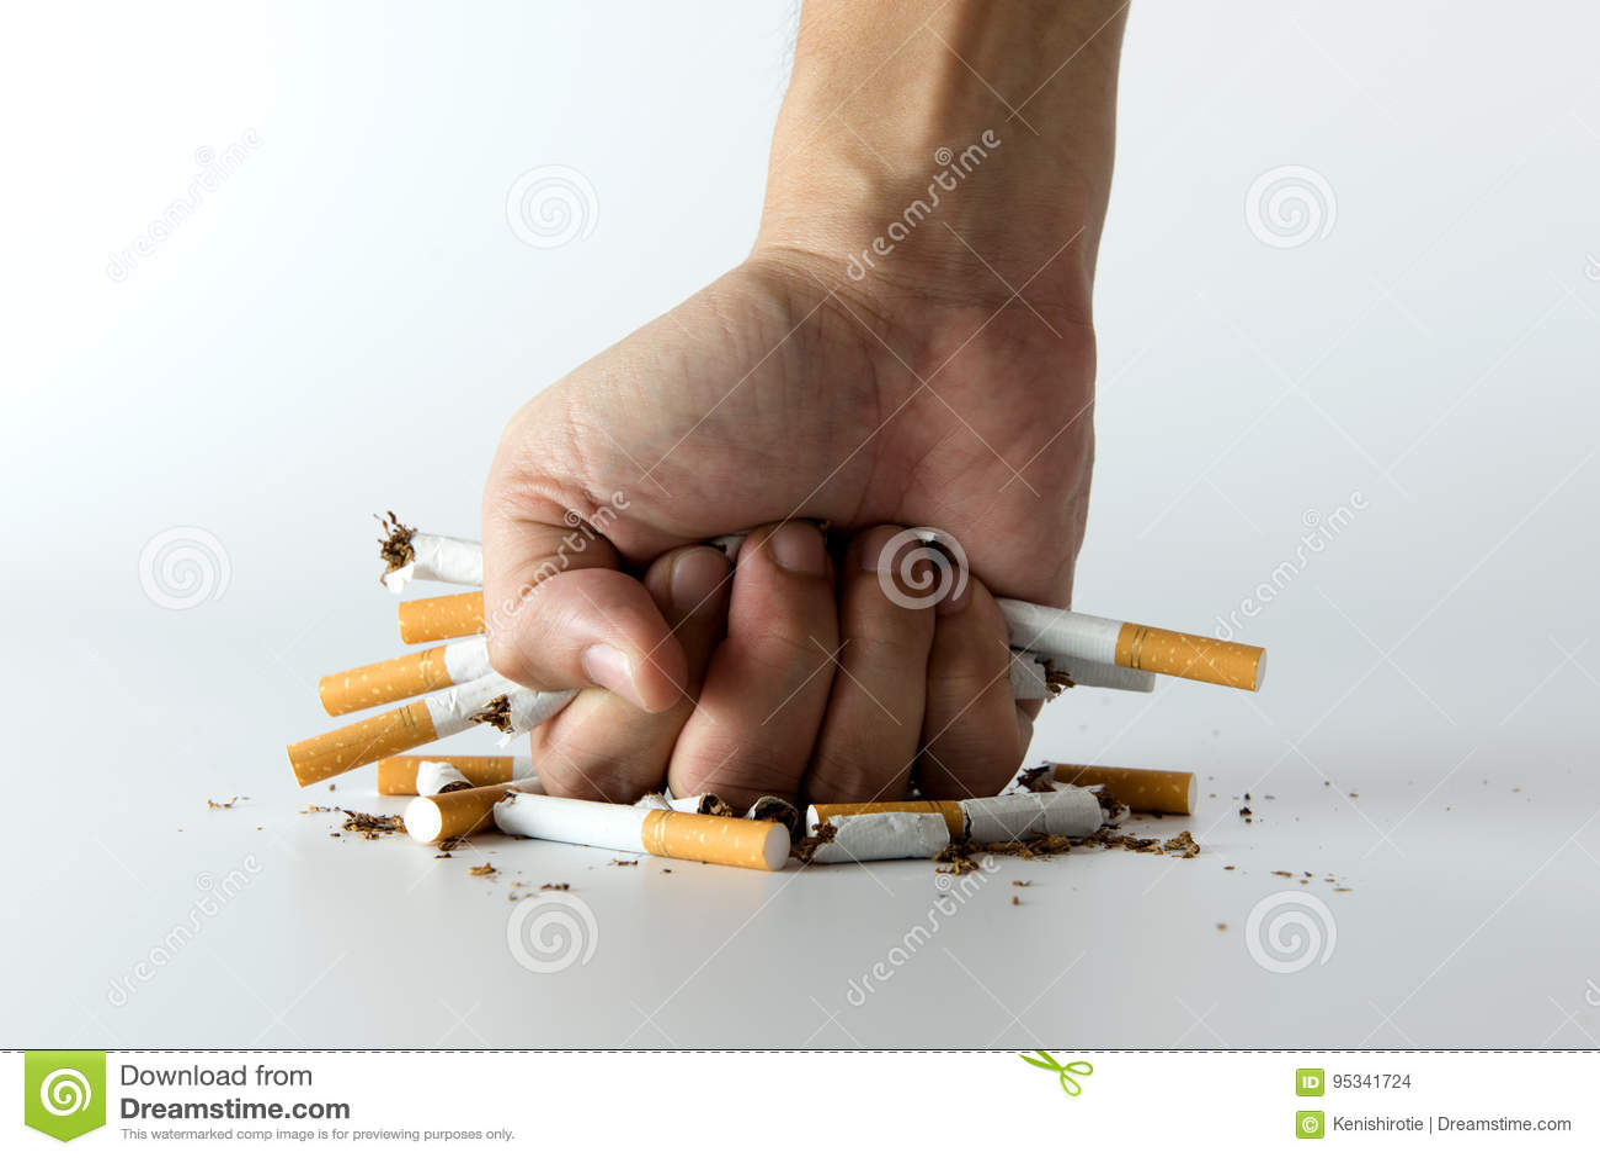 Quittez fumer et épargnez l argent